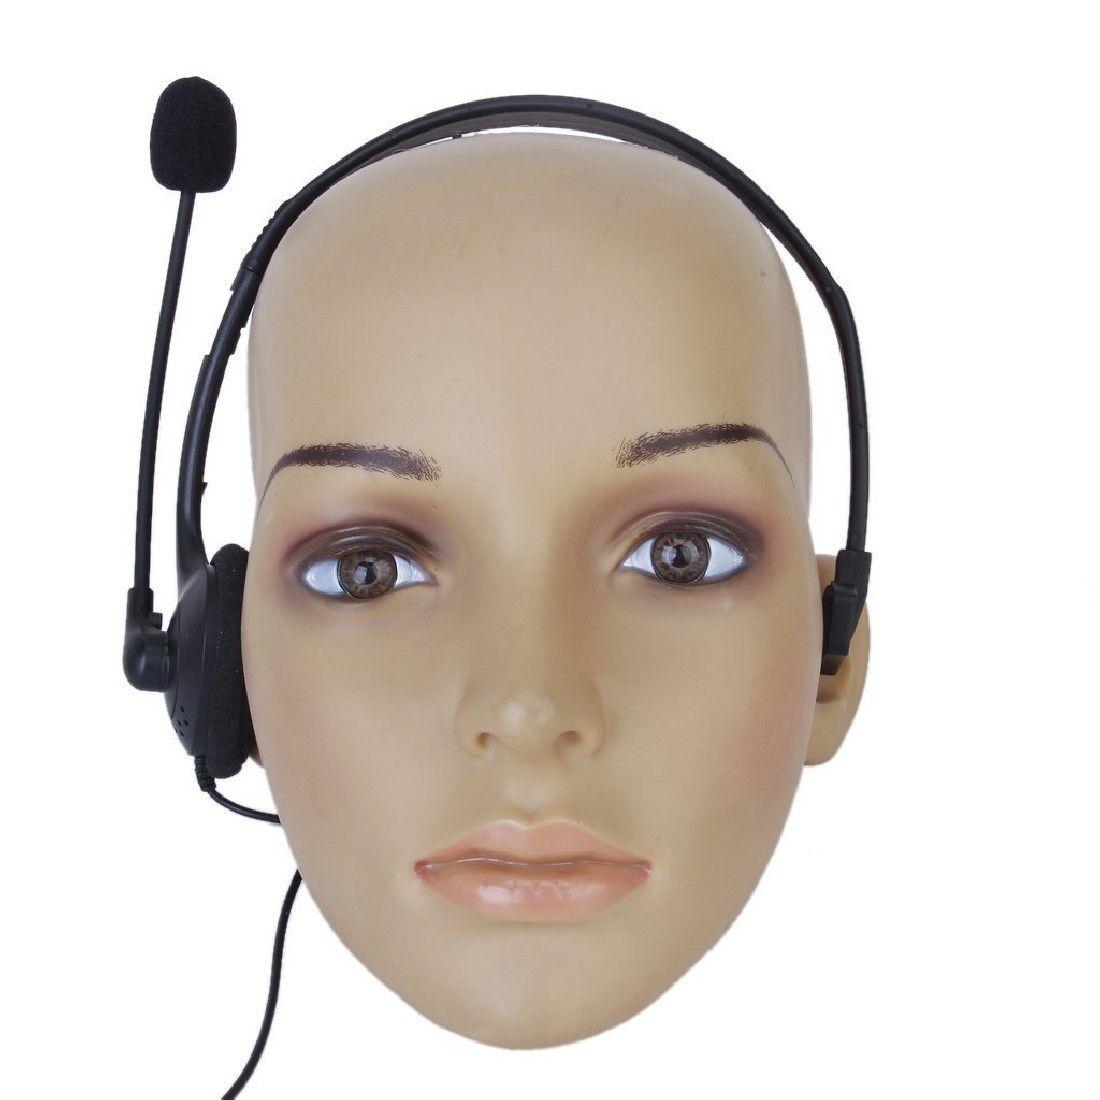 Marsnaska Neue Heiße Verkauf 3,5mm wired Gaming Headset Kopfhörer Kopfhörer + Mikrofon Mic Zubehör für PS4 computer Schwarz